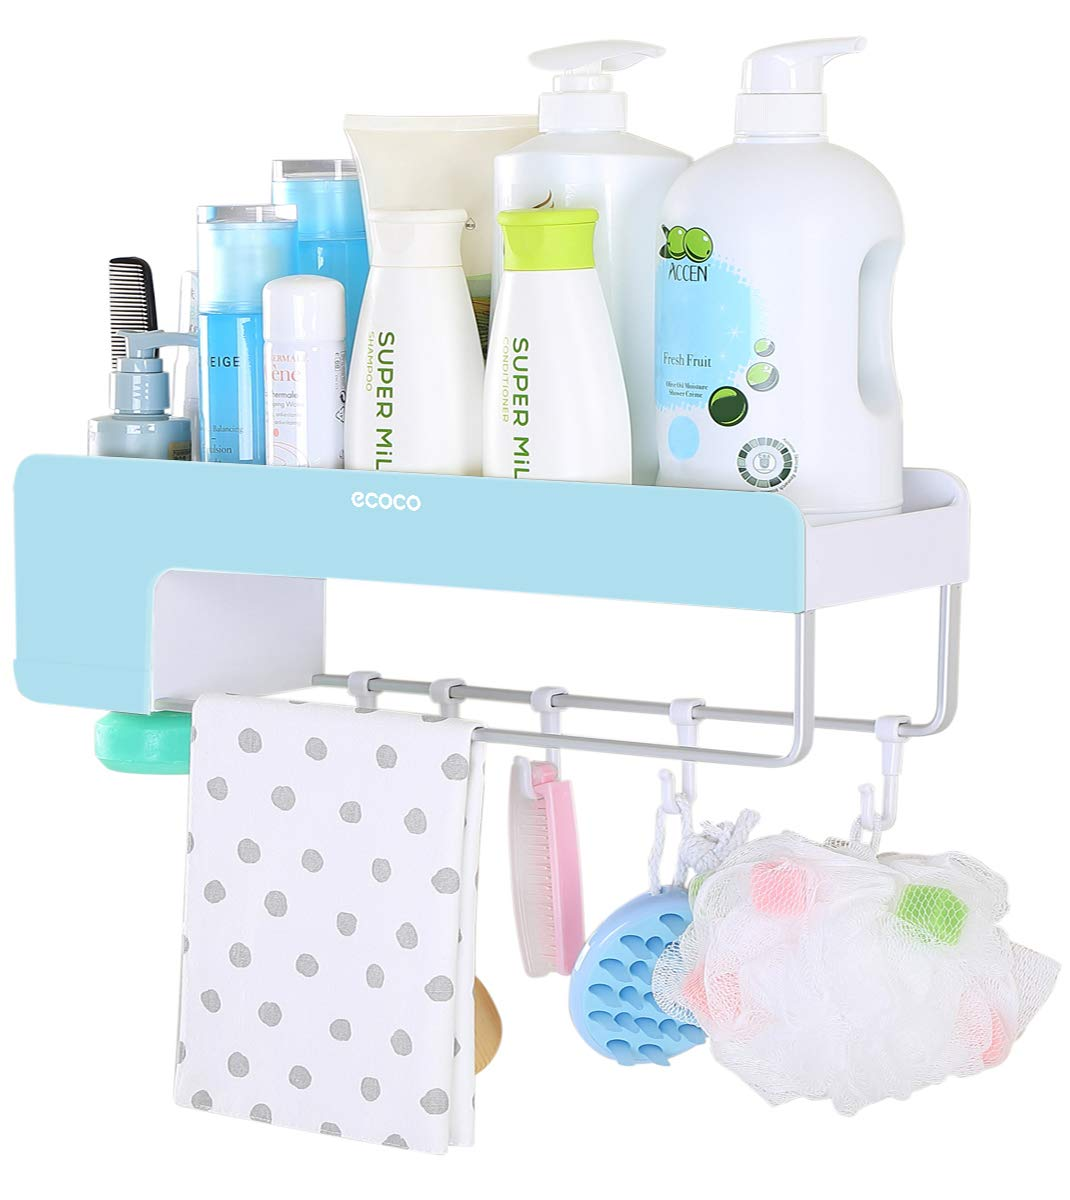 Baños > Accesorios para Baños > Organizadores para Duchas